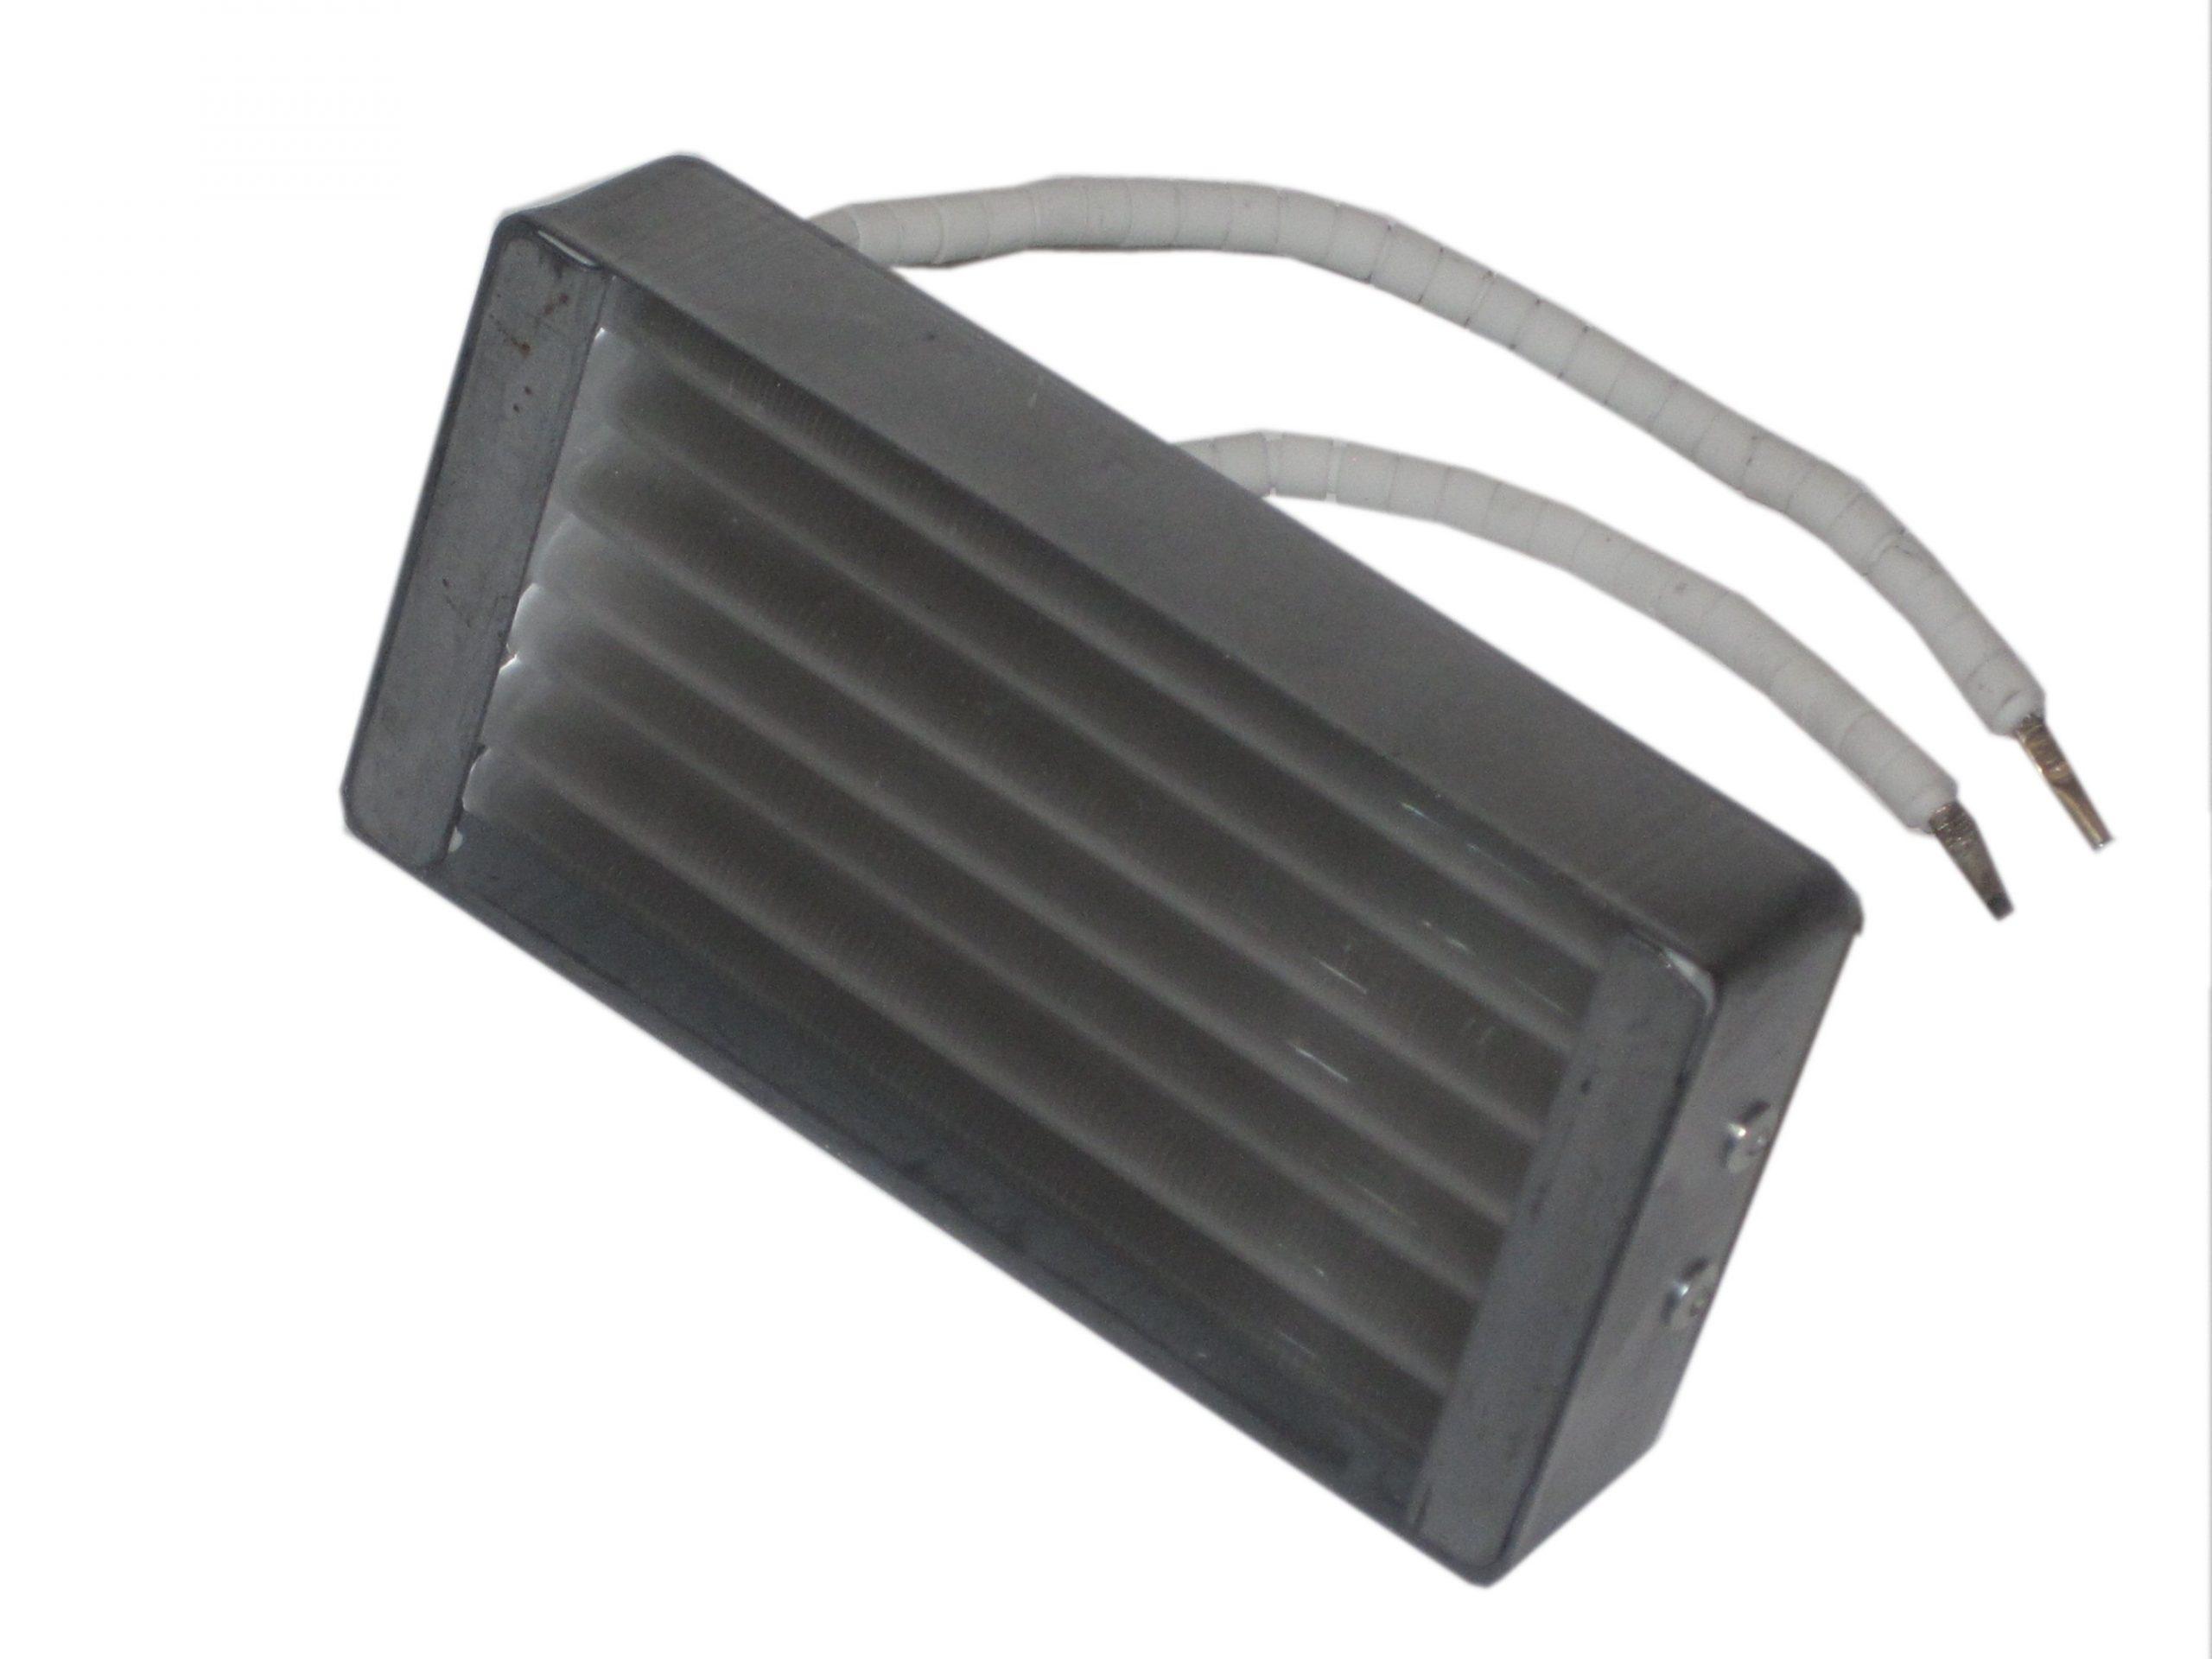 500W Half Size Medium-wave Infra-red Cassette HSQ500 Unbranded